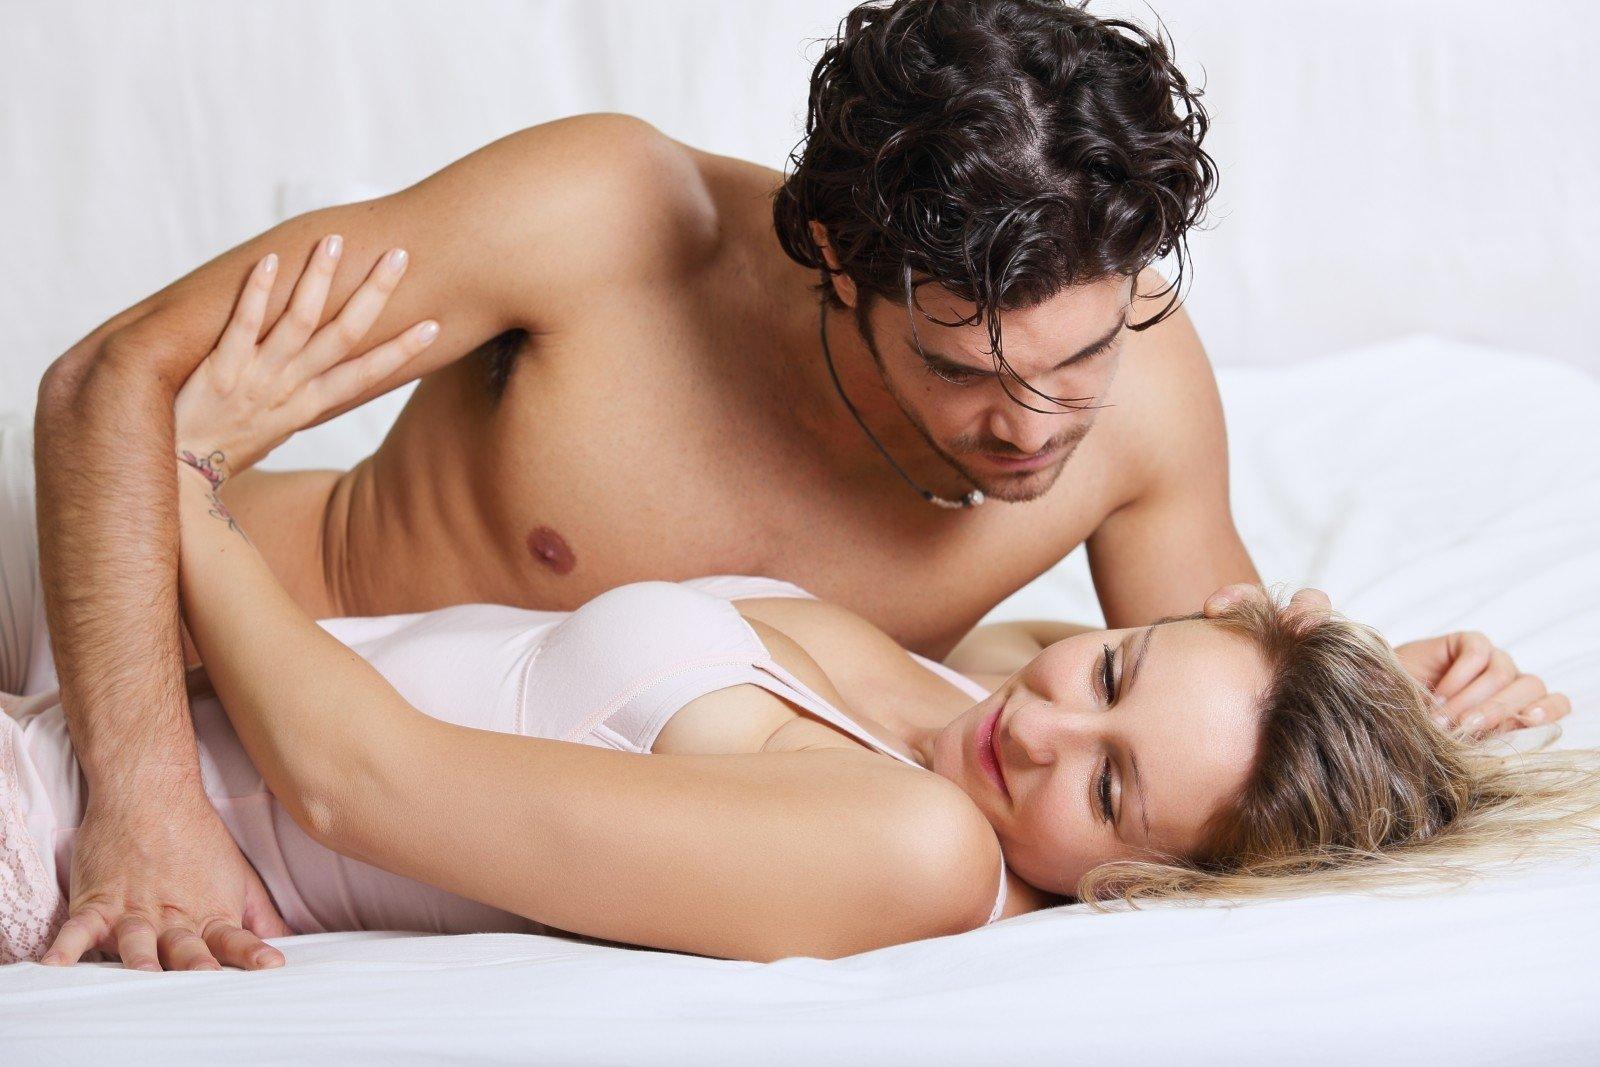 Не хочется близости с мужем. Психологические и физиологические причины и решение проблемы.